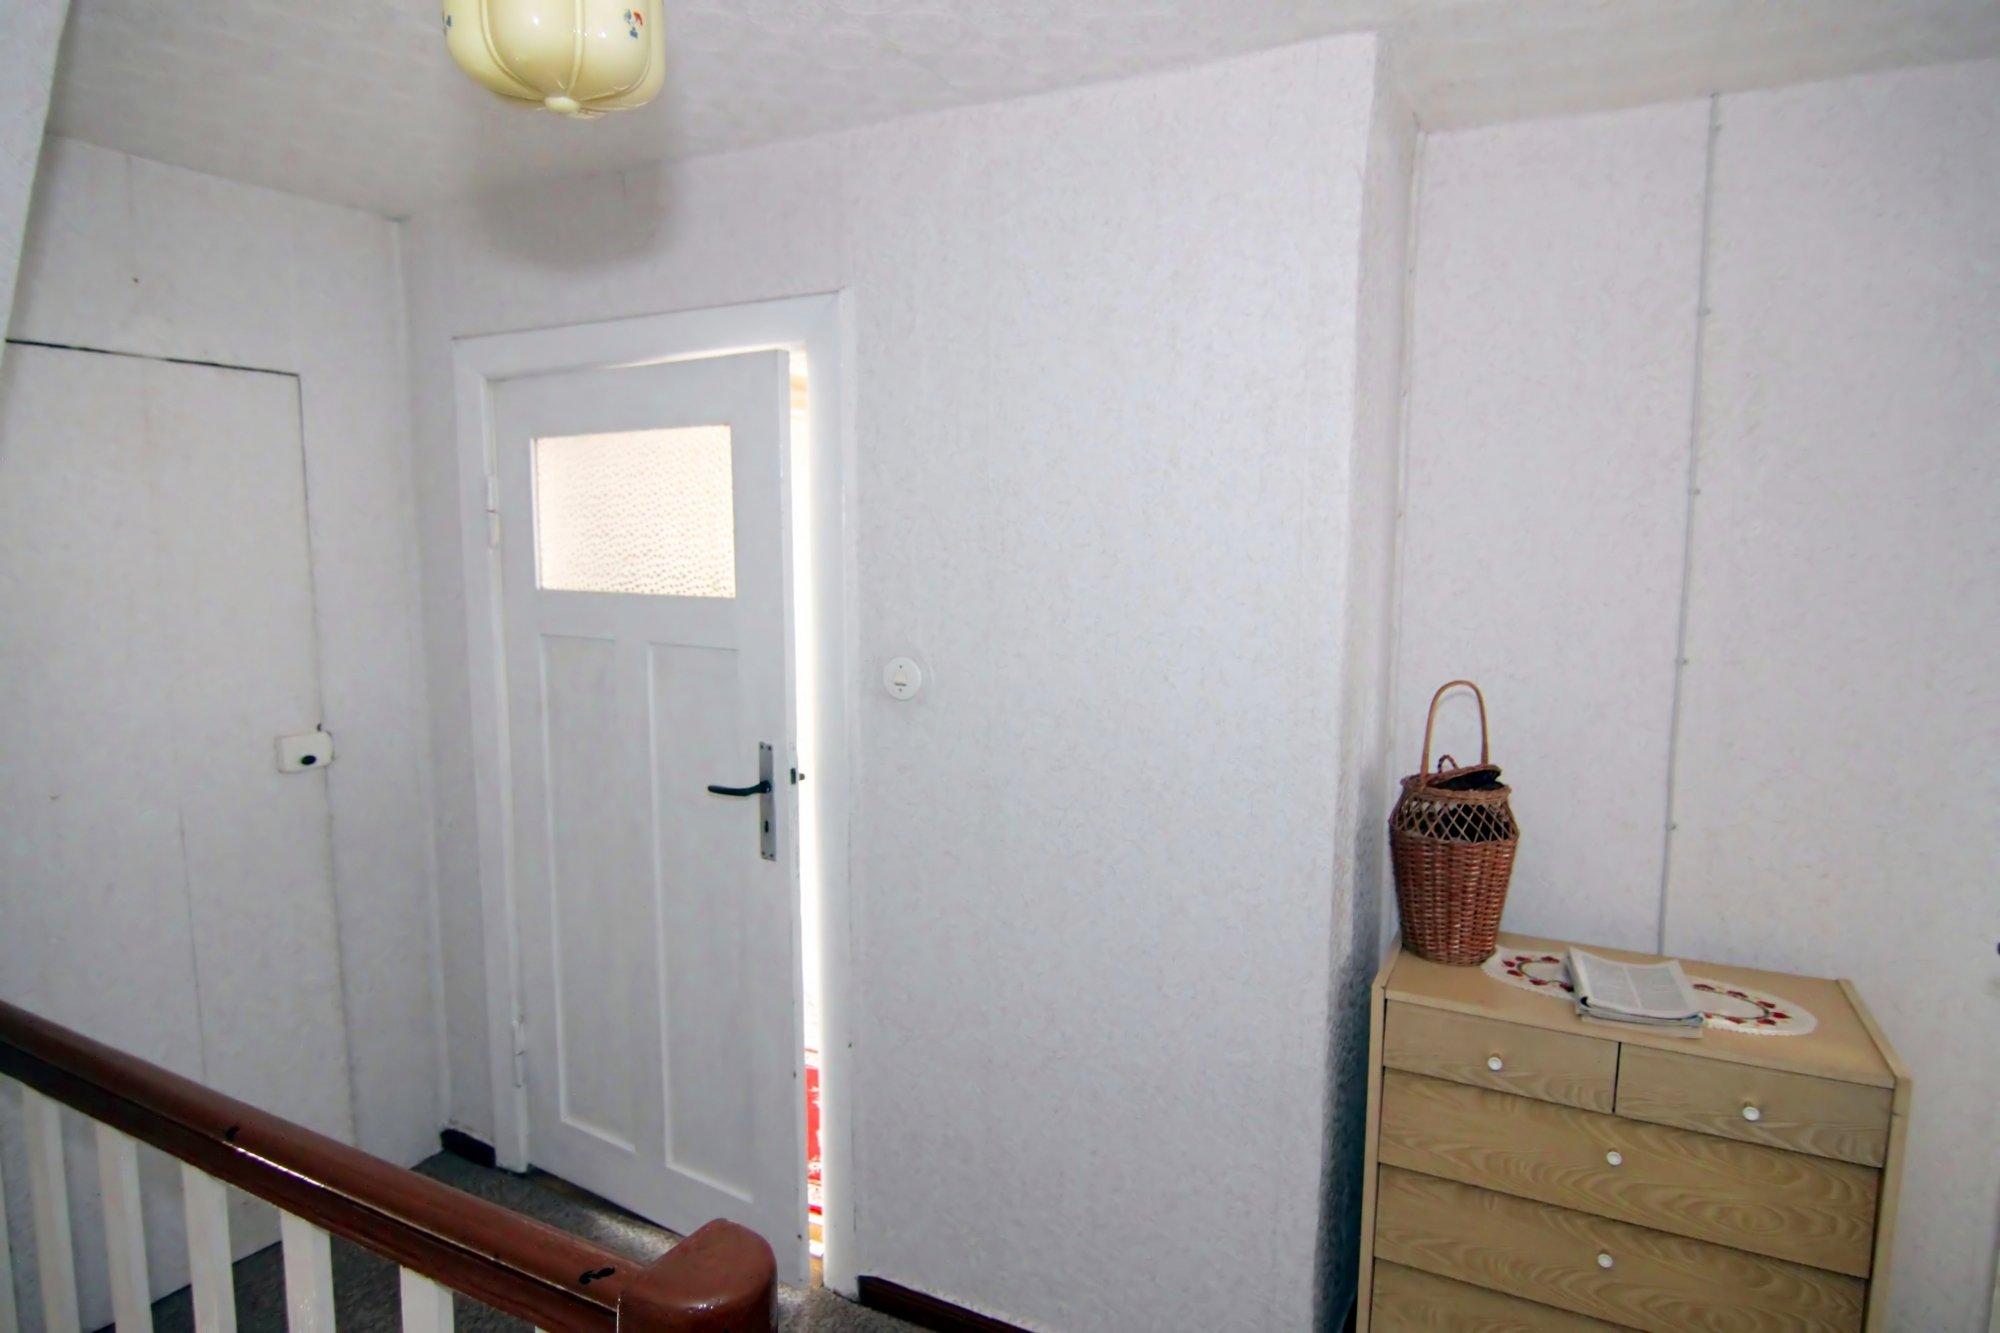 Flur DG - Zugang zum gr. Zimmer  Dachboden